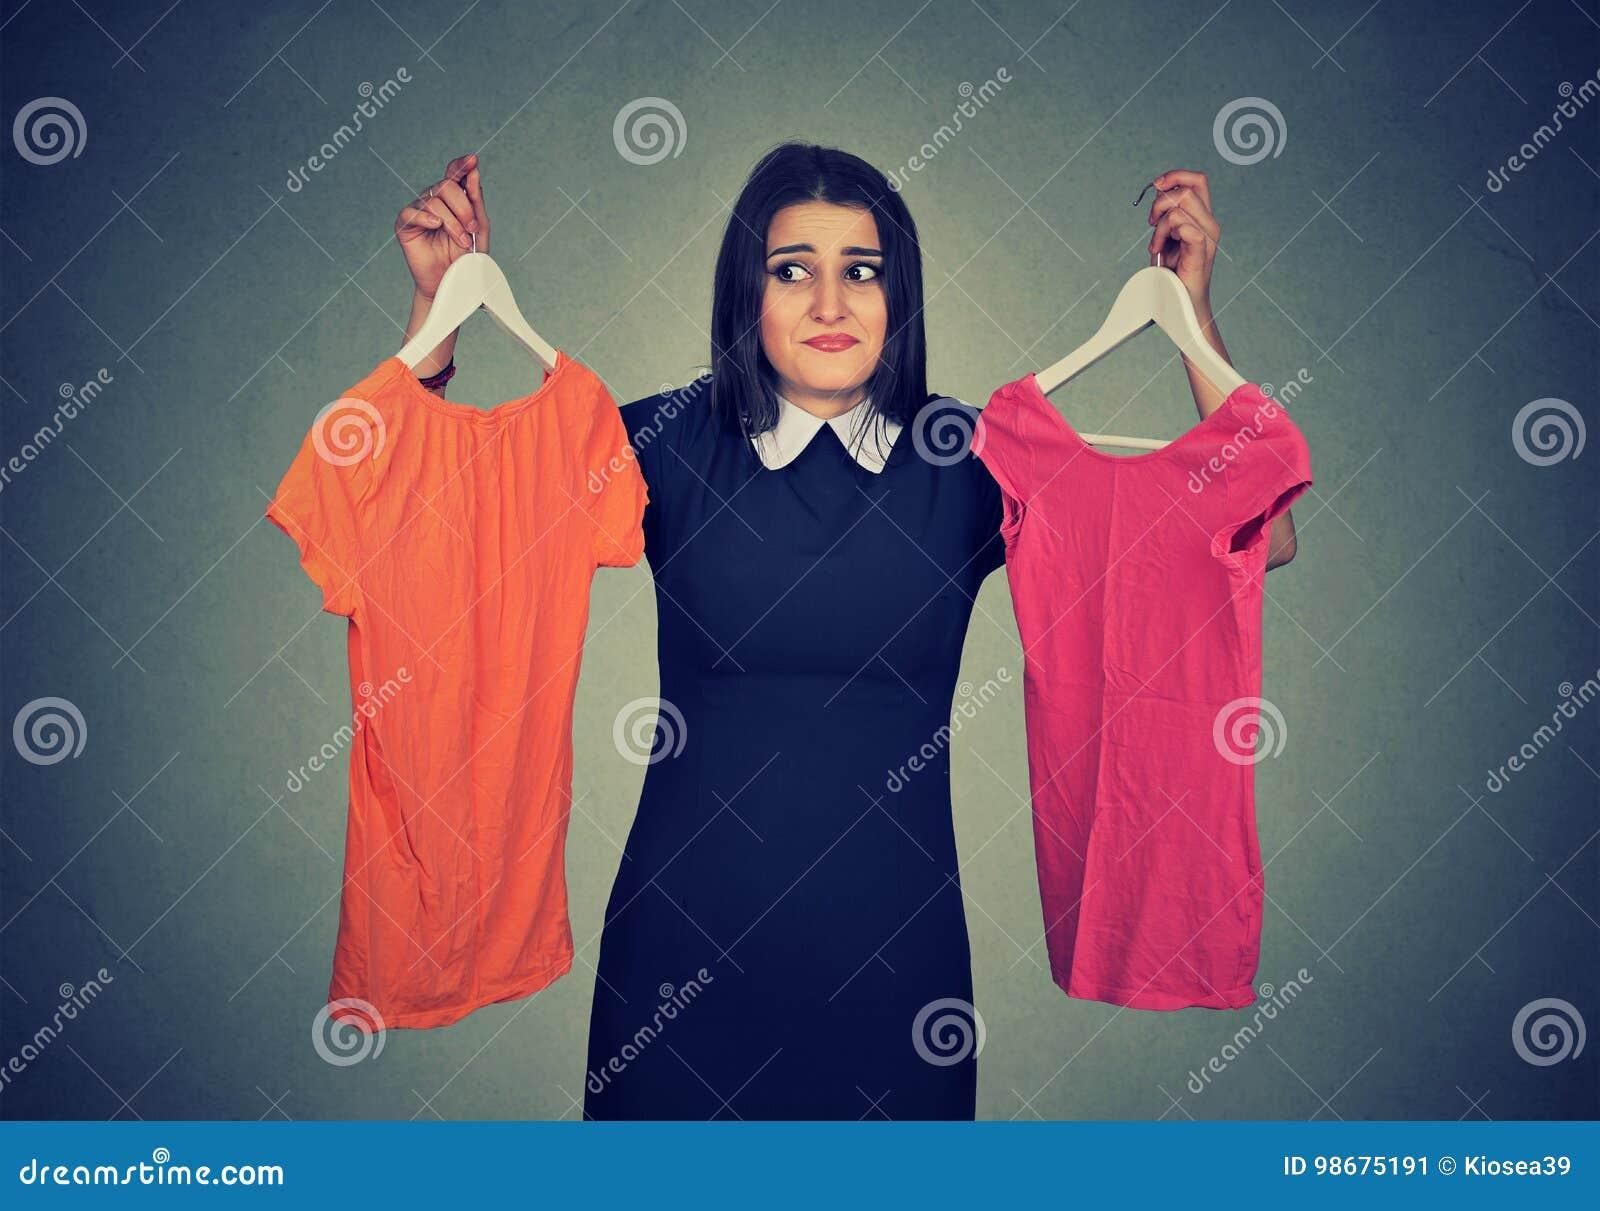 La mujer confusa que elige entre los vestidos y no puede tomar la decisión